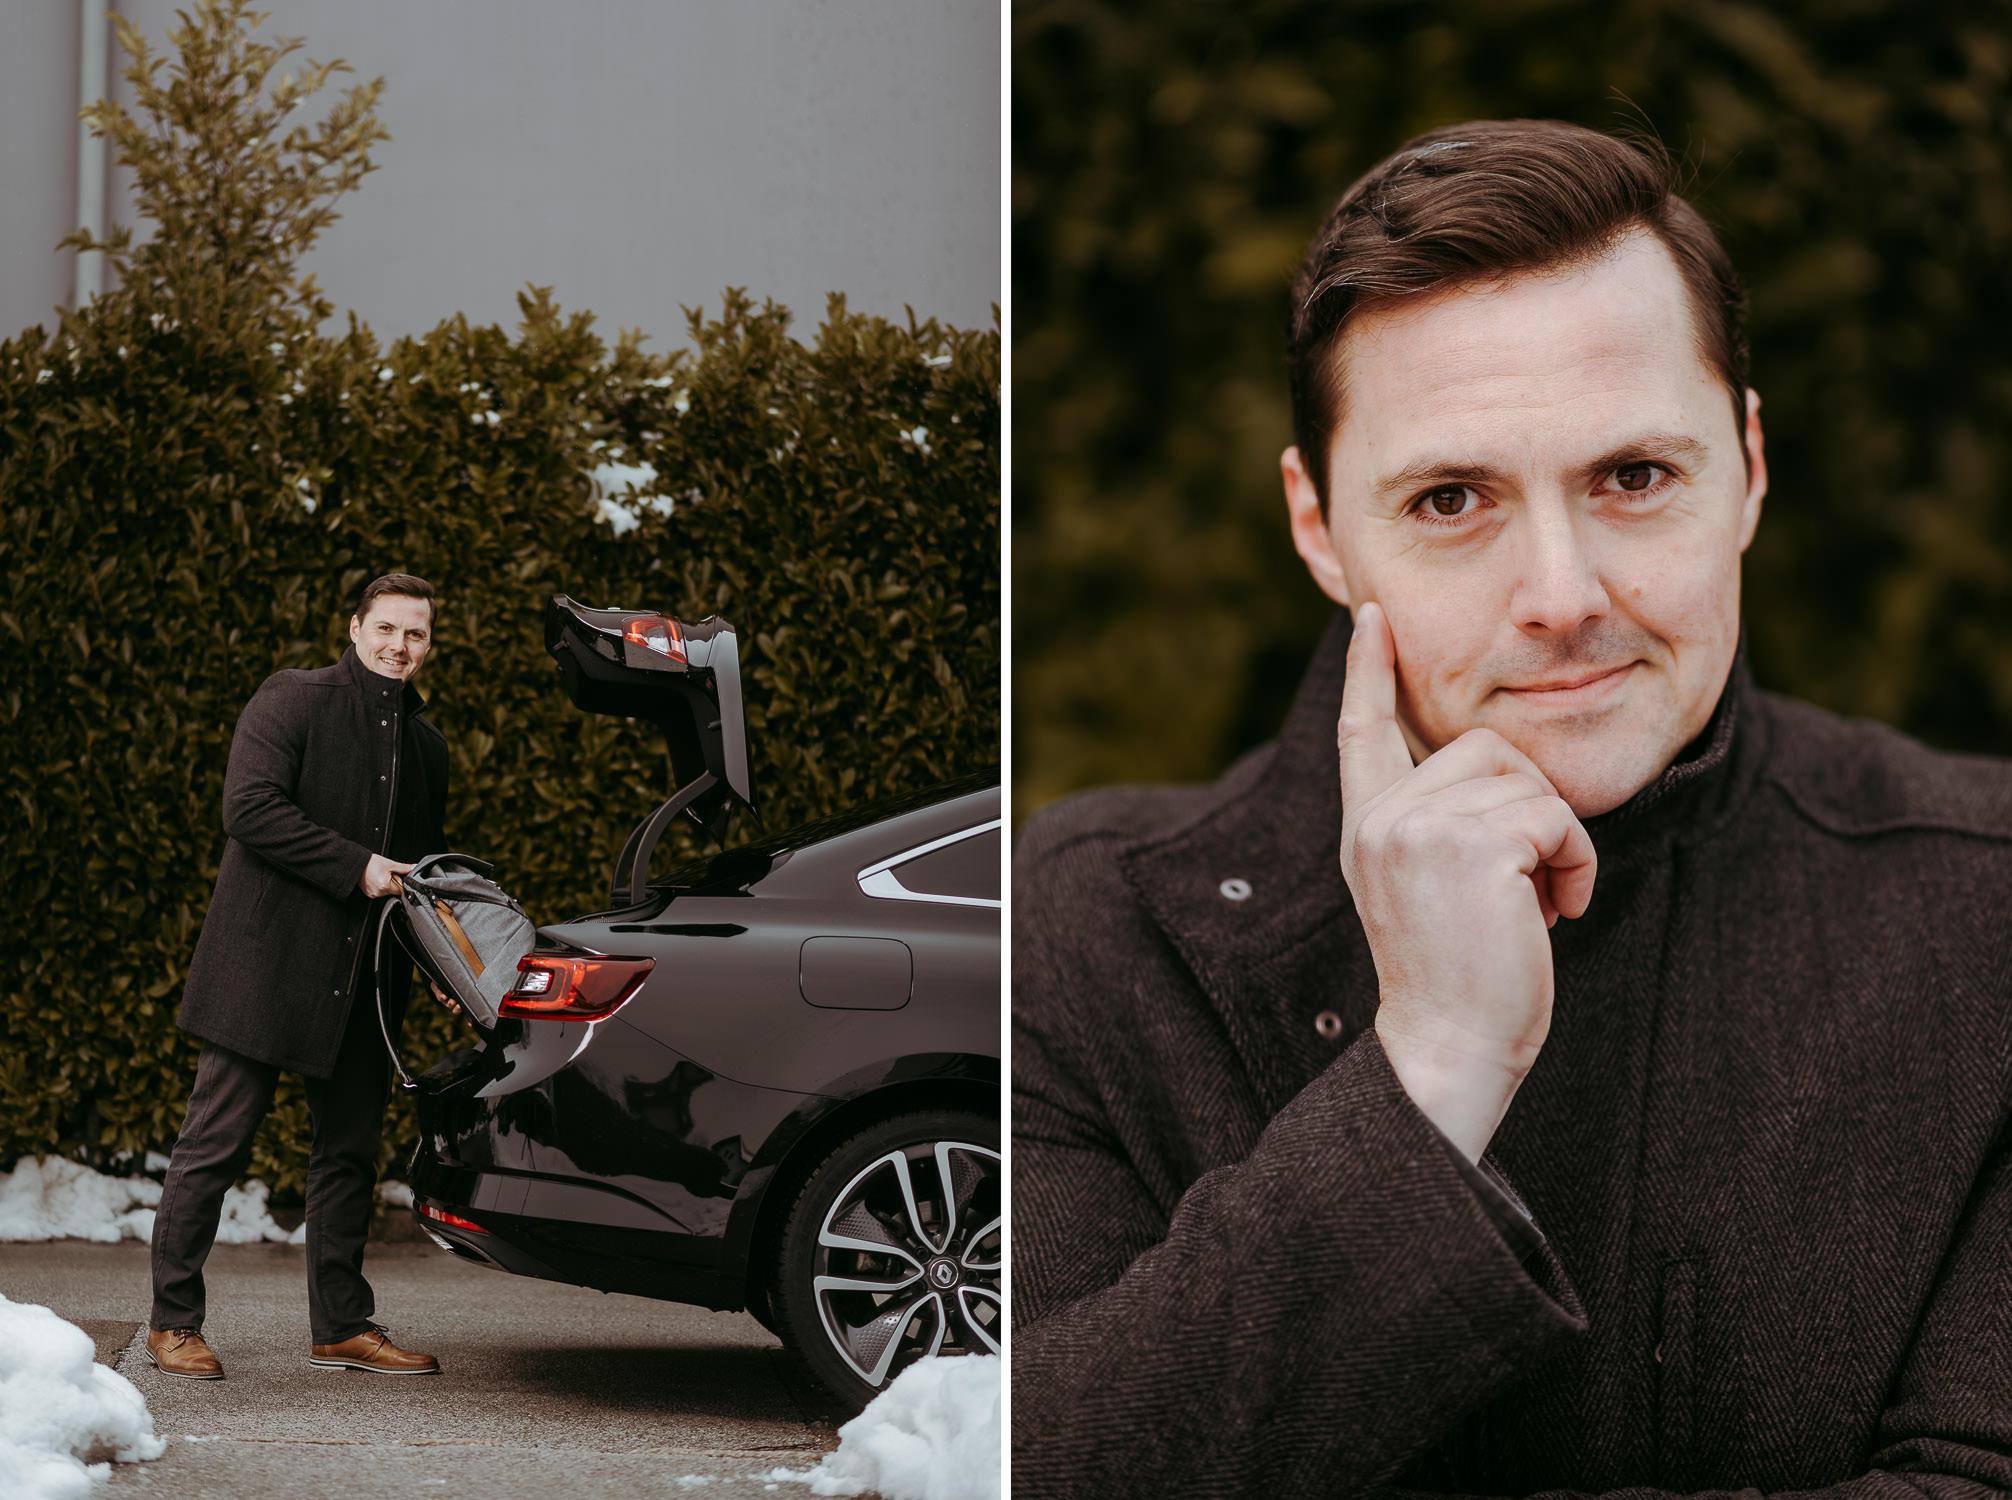 20180222 Tomi Češek Zebra Patisseries Renault Talisman City Magazine TK 7